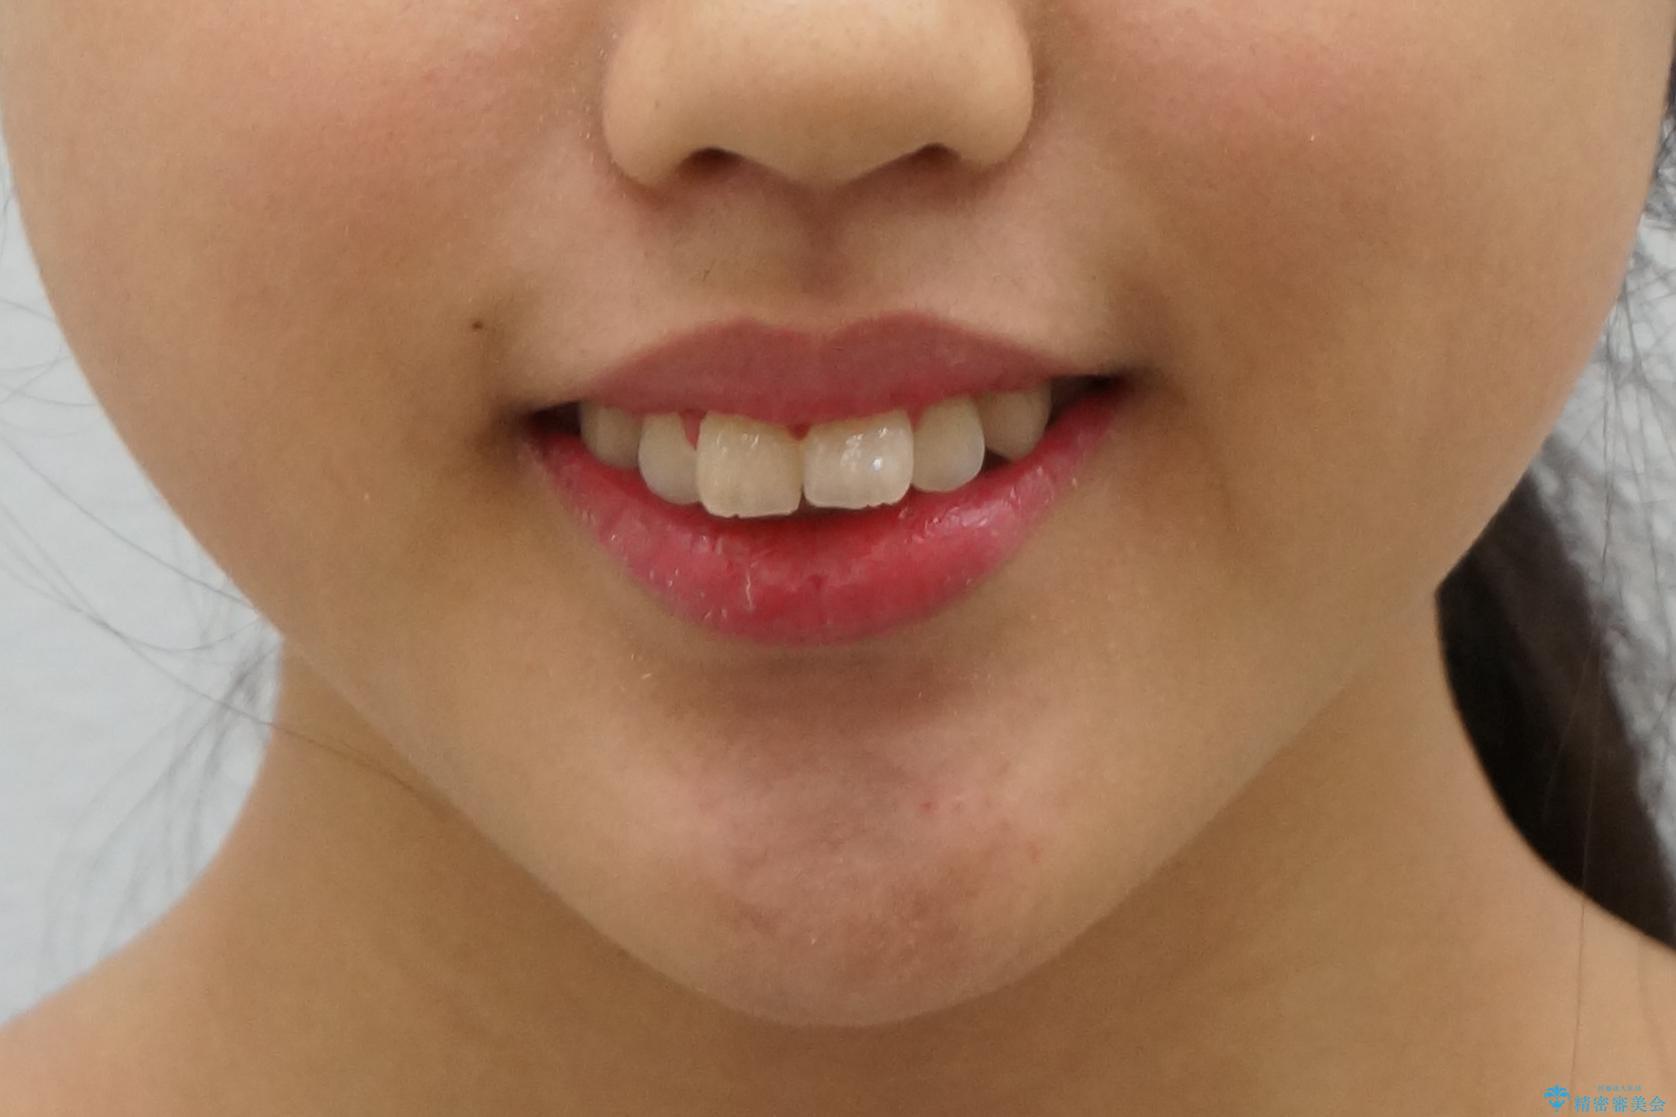 中学生のマウスピース矯正 歯を抜かずにキレイにの治療前(顔貌)